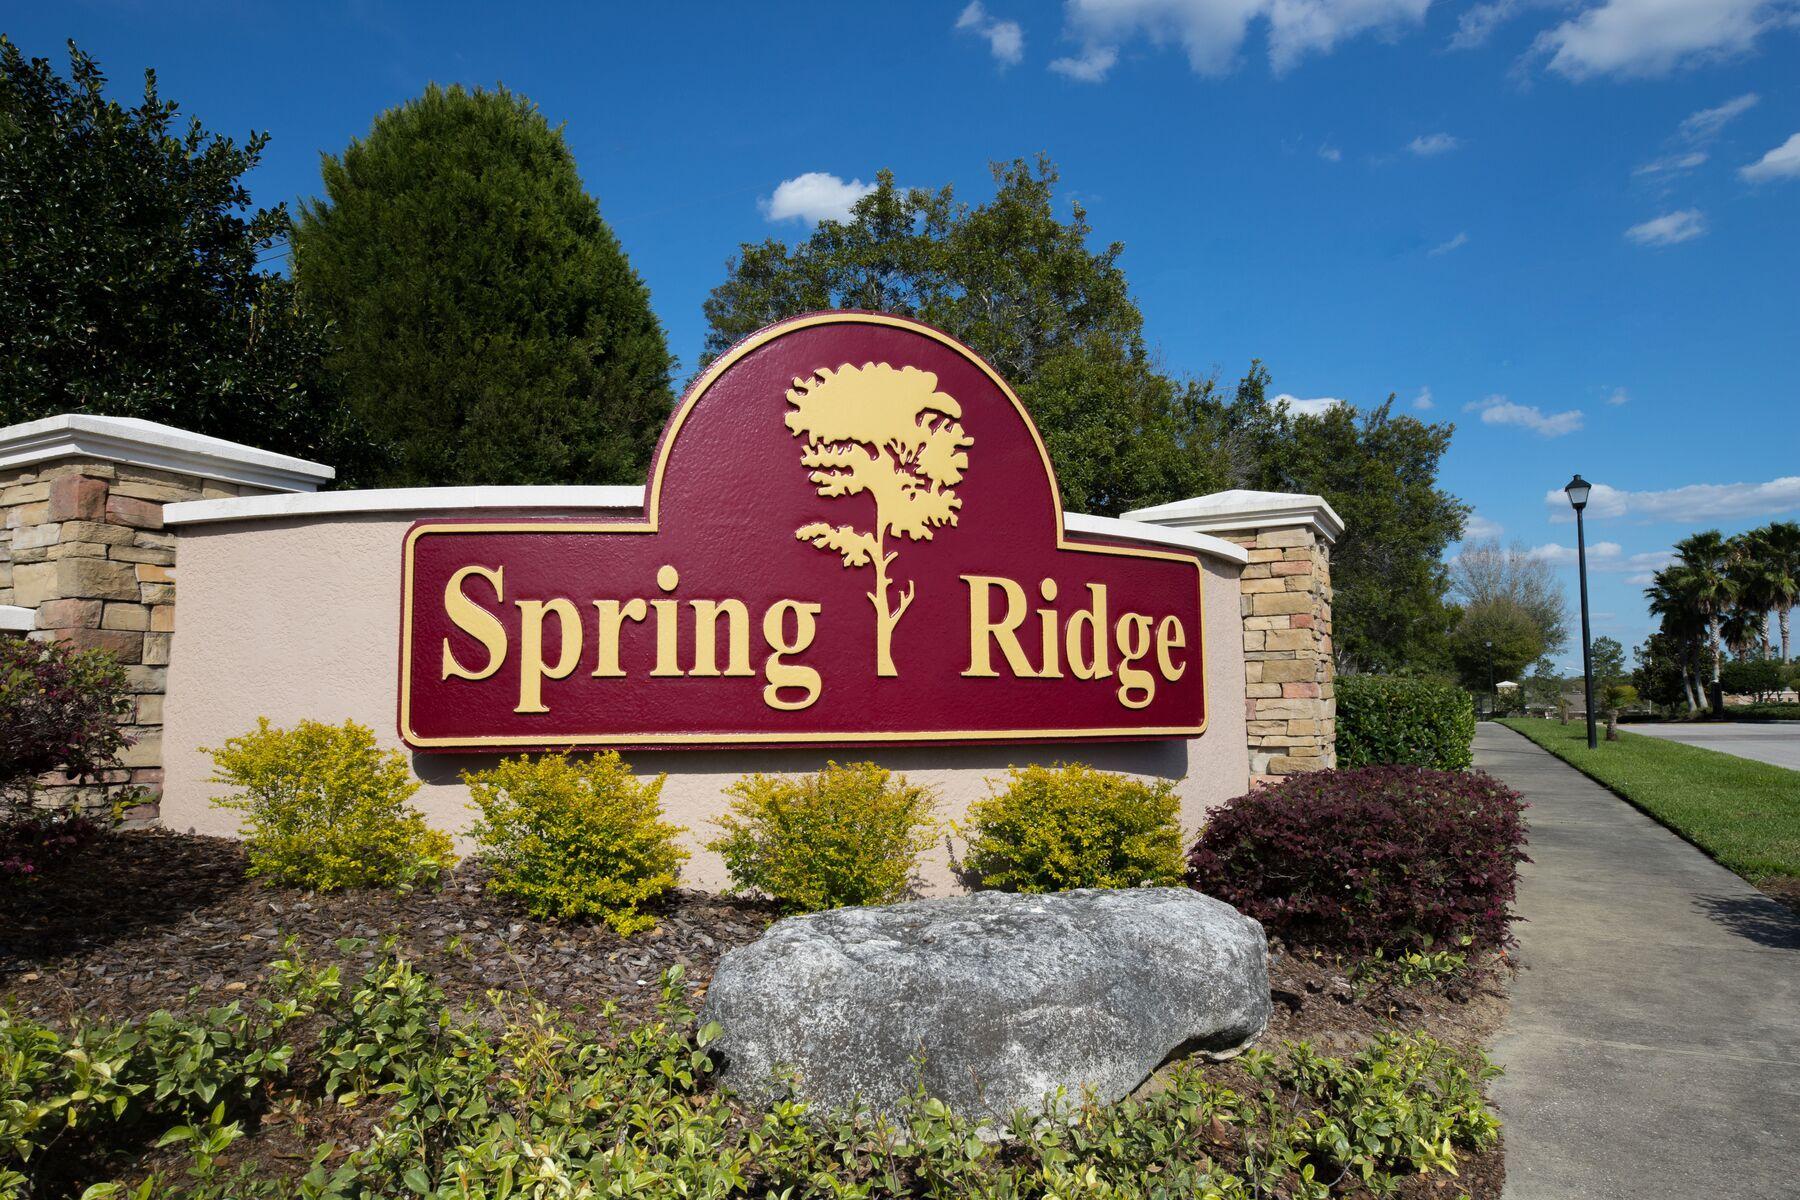 LGI Homes at Spring Ridge:Amenities at Spring Ridge